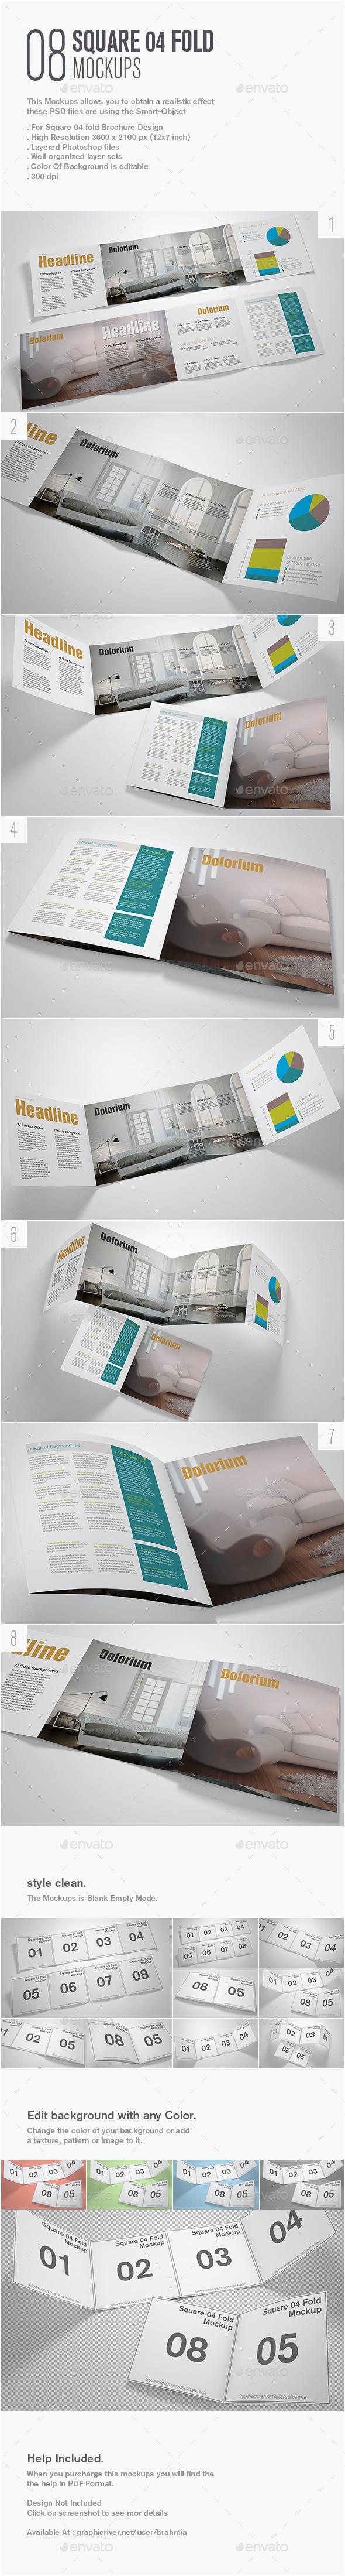 Square 04 Fold Mockup - Brochures Print